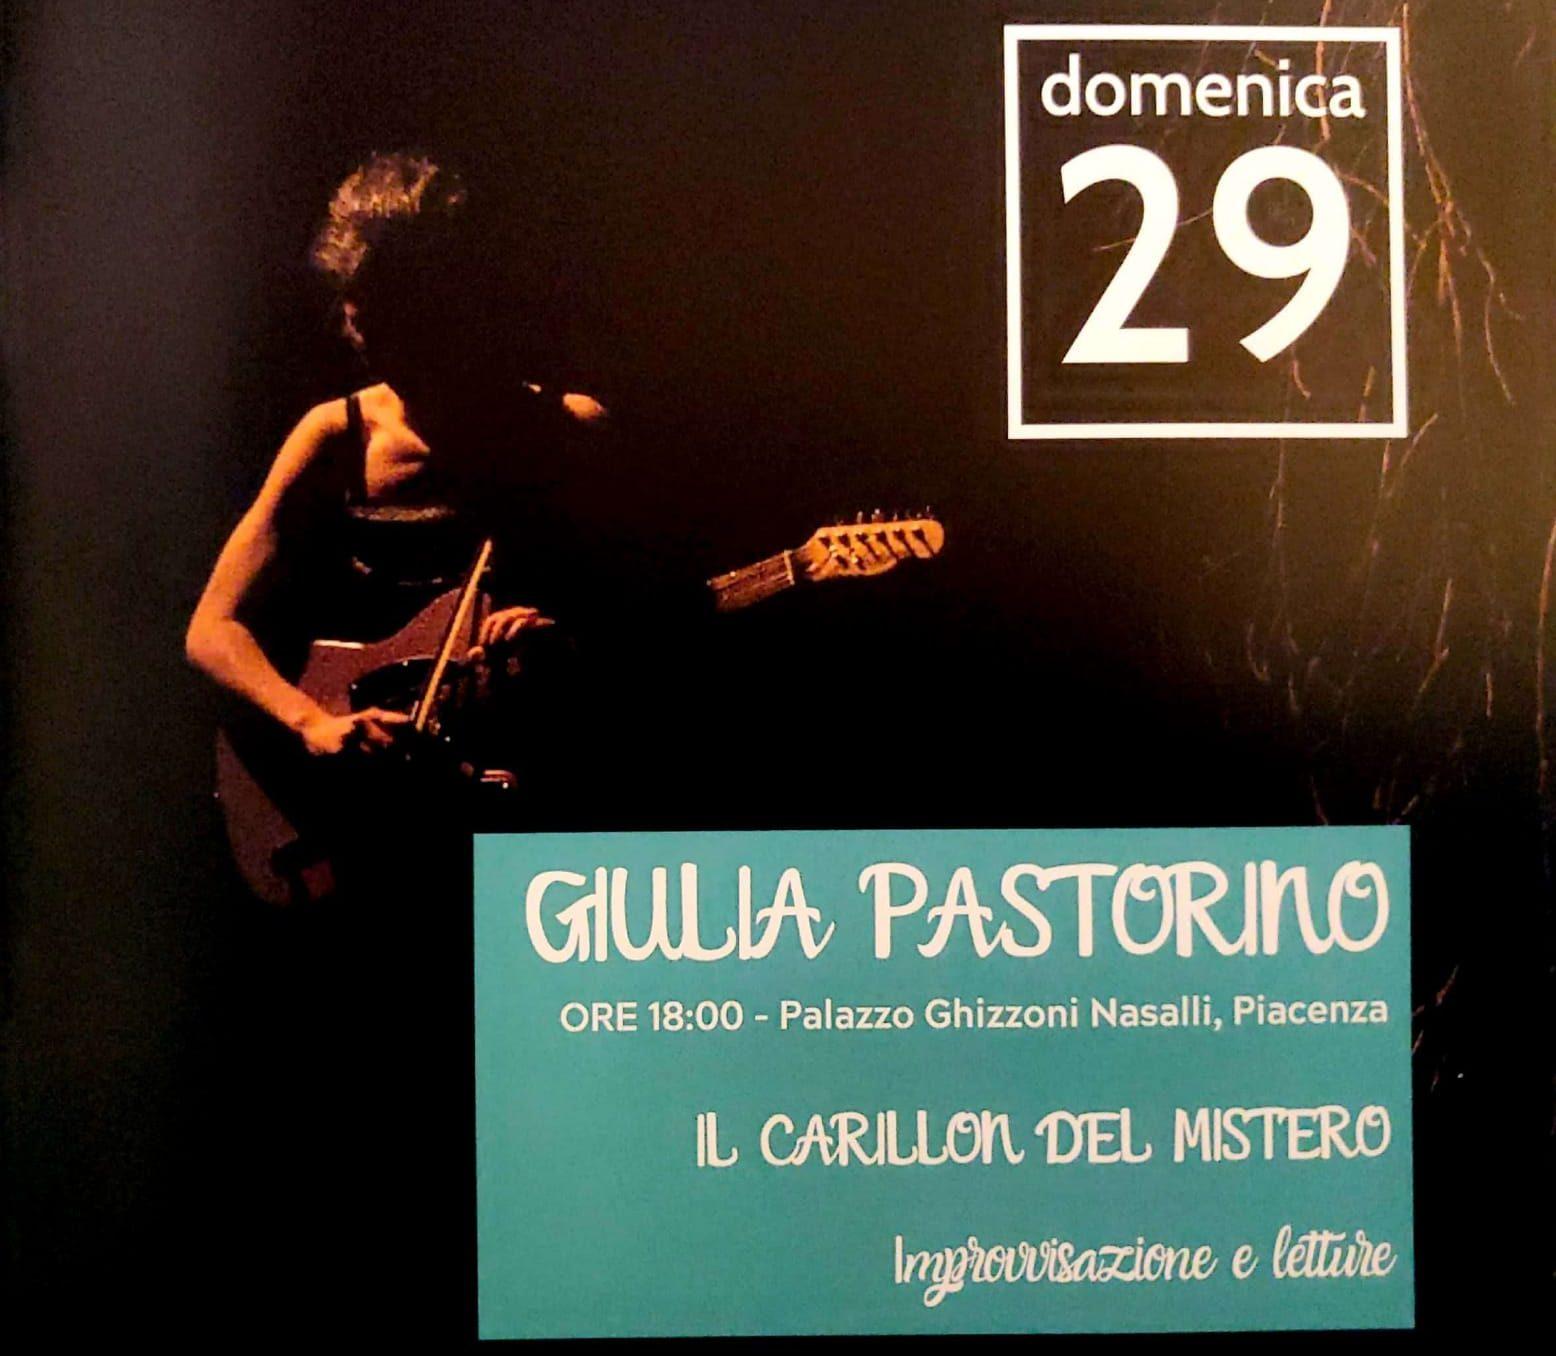 29/09 // CARILLON DEL MISTERO // PIACENZA